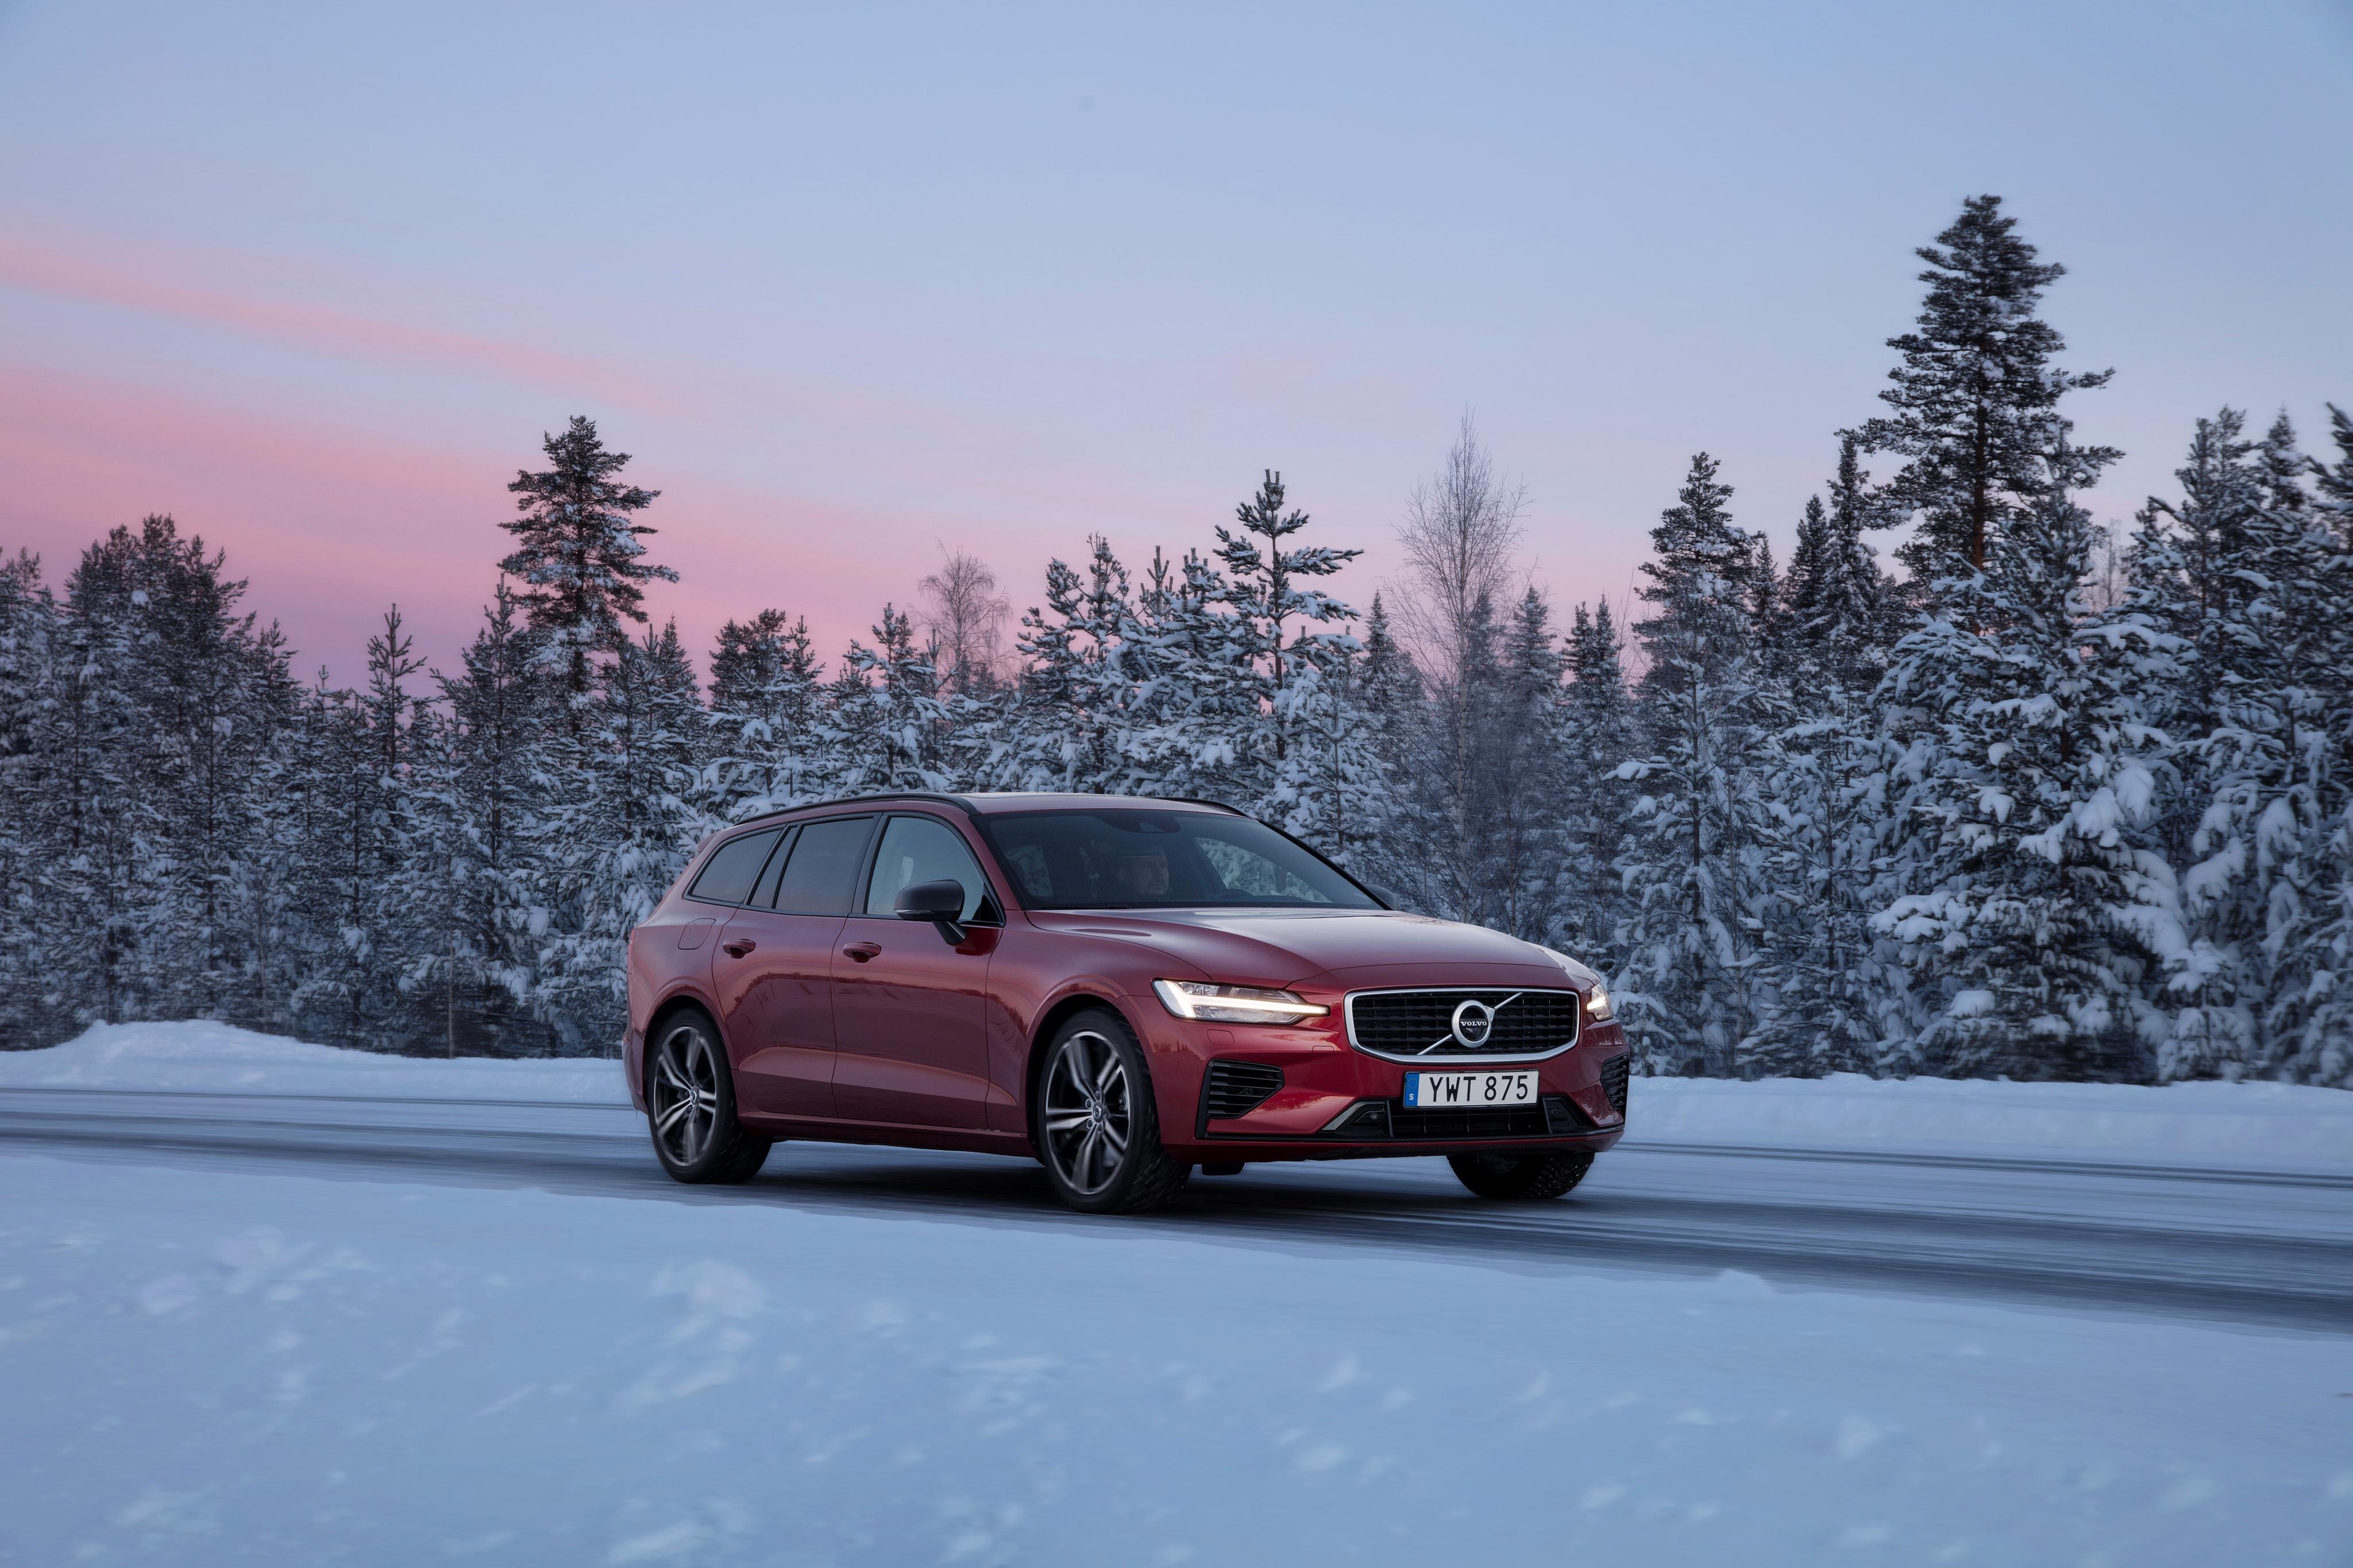 Картинки Вольво 2018-19 V60 T8 R-Design Worldwide бордовые авто Металлик Volvo бордовая Бордовый темно красный машина машины автомобиль Автомобили